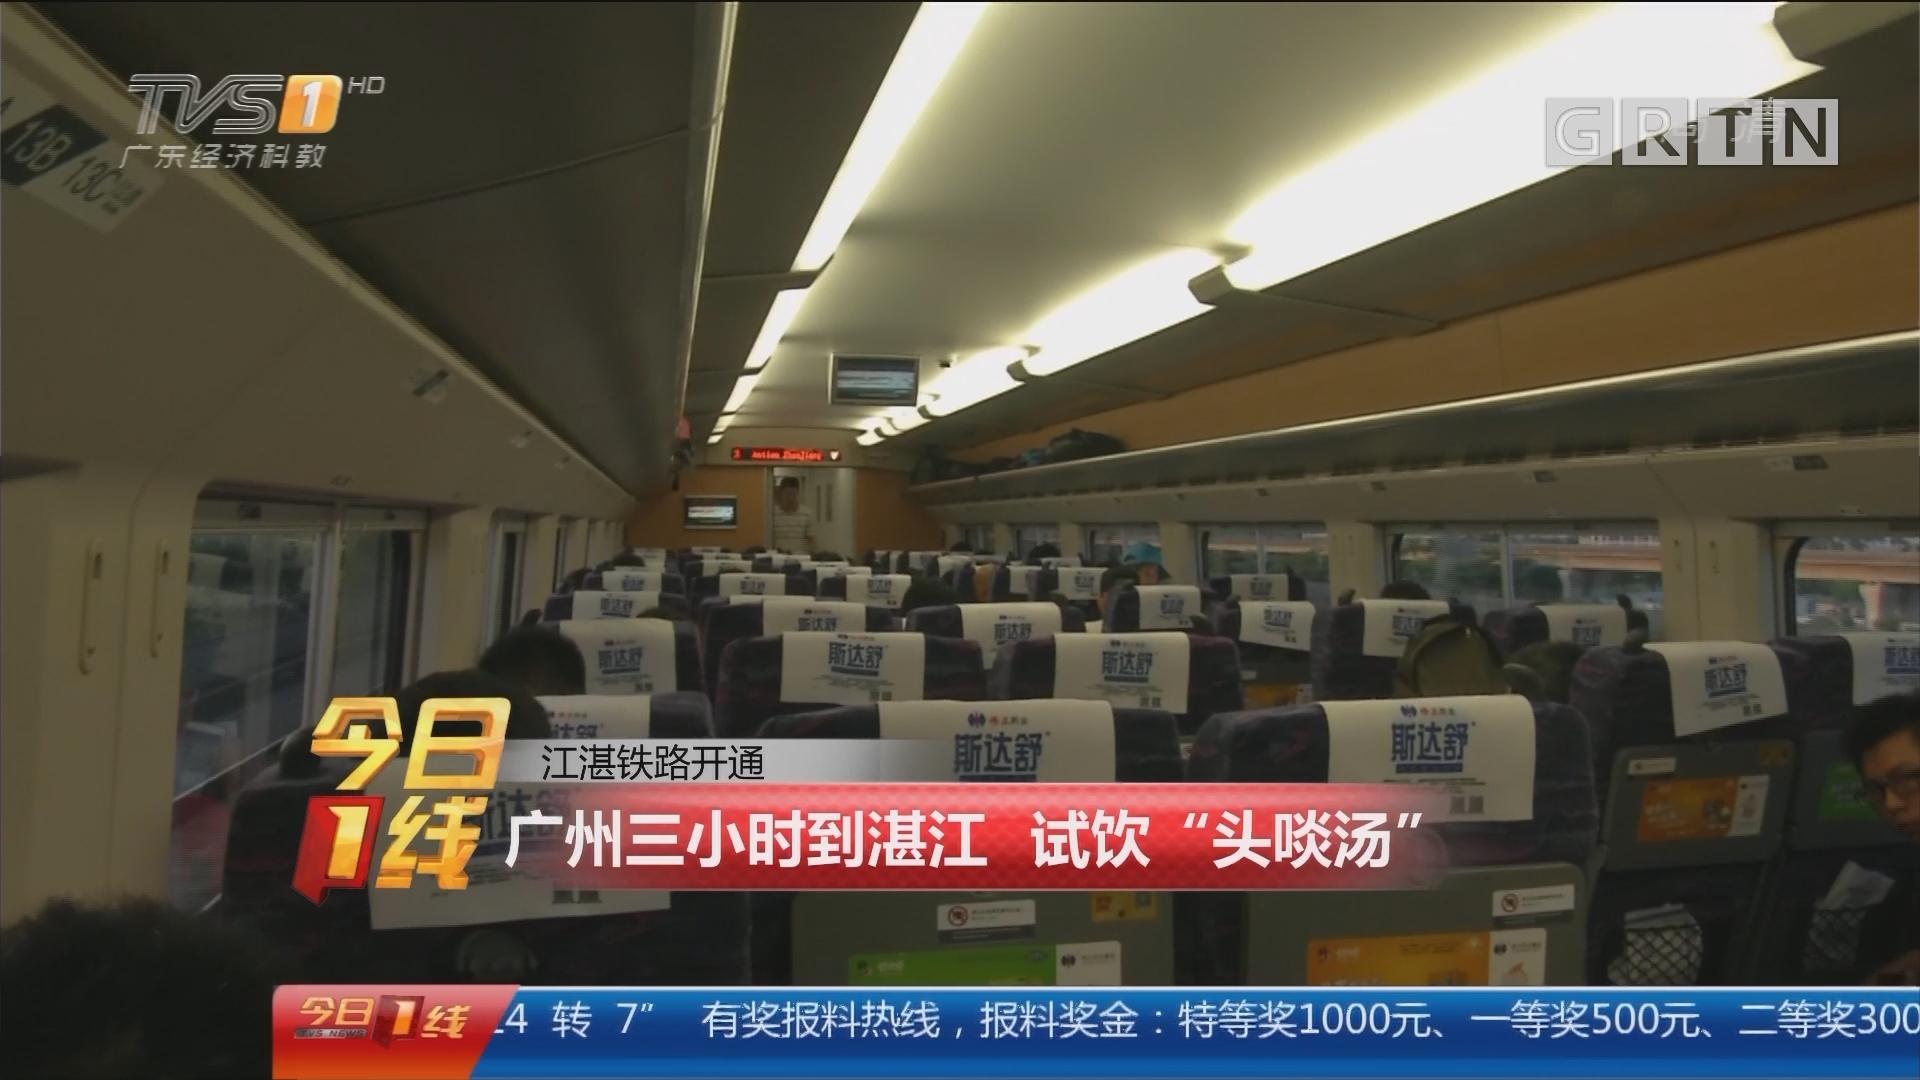 """江湛铁路开通:广州三小时到湛江 试饮""""头啖汤"""""""